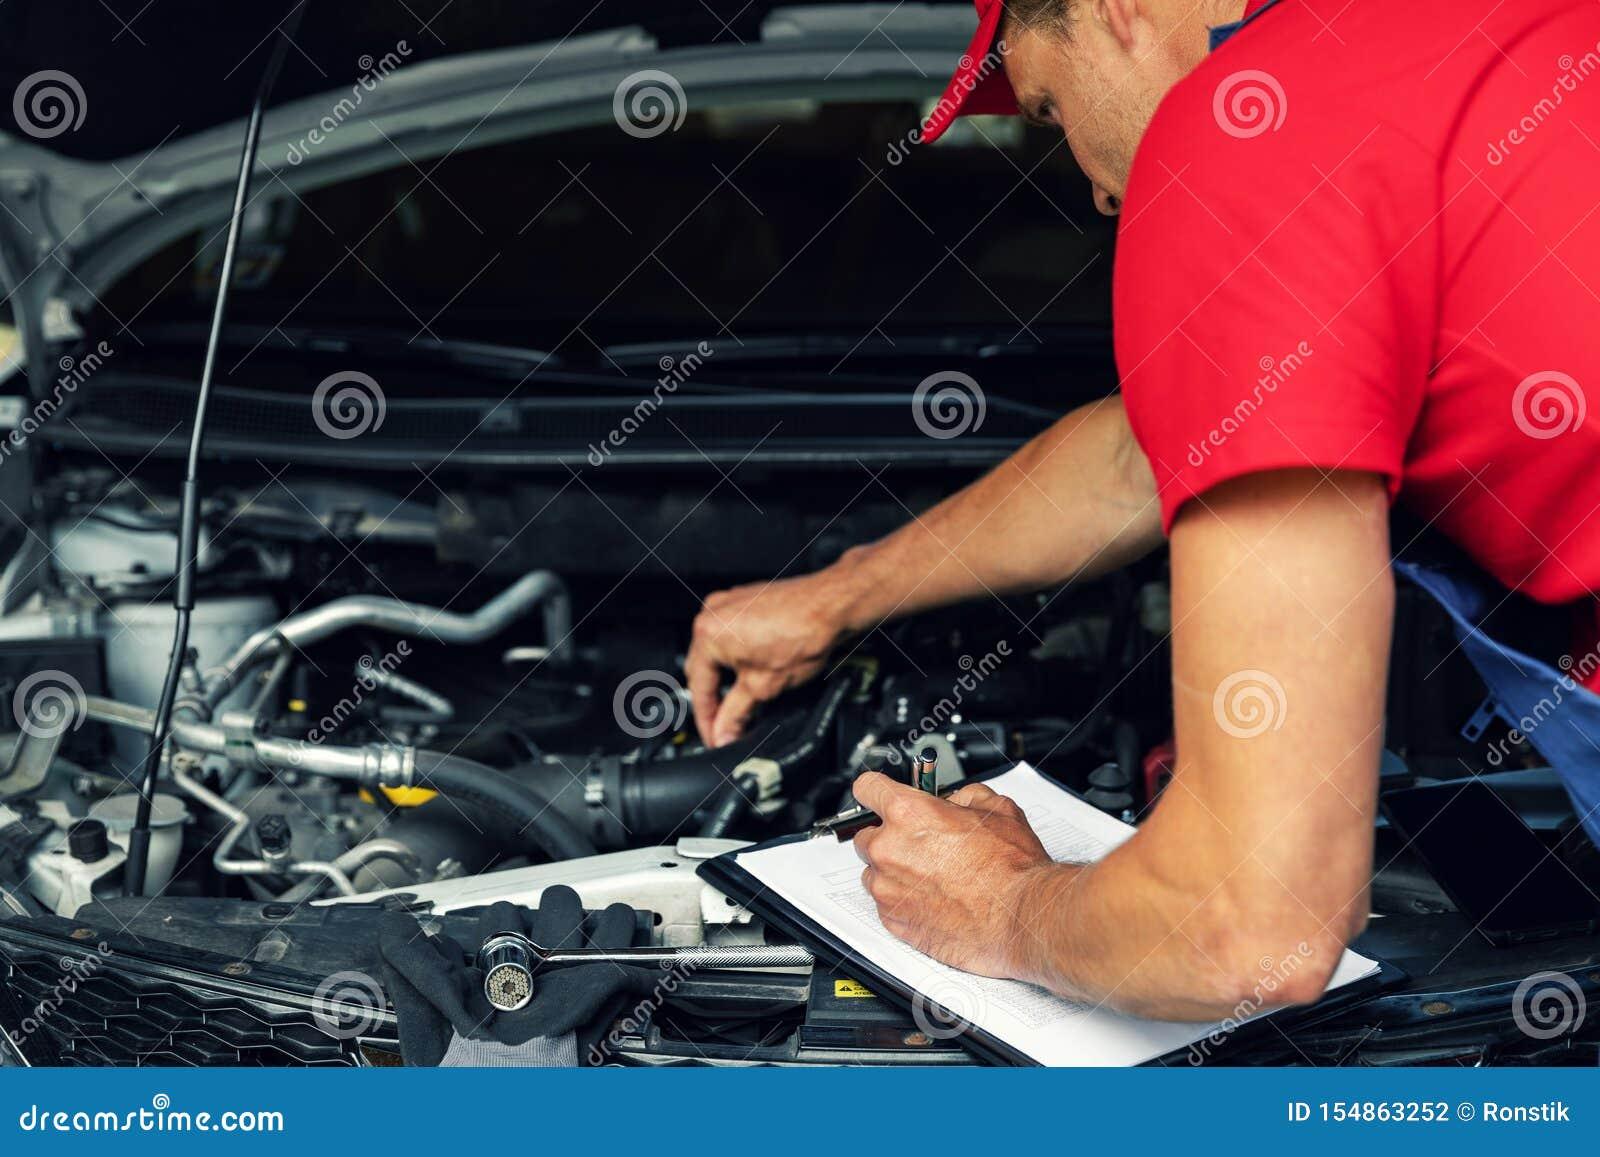 Samochodowy utrzymanie - mechanika czek silnik i pisać w liście kontrolnej